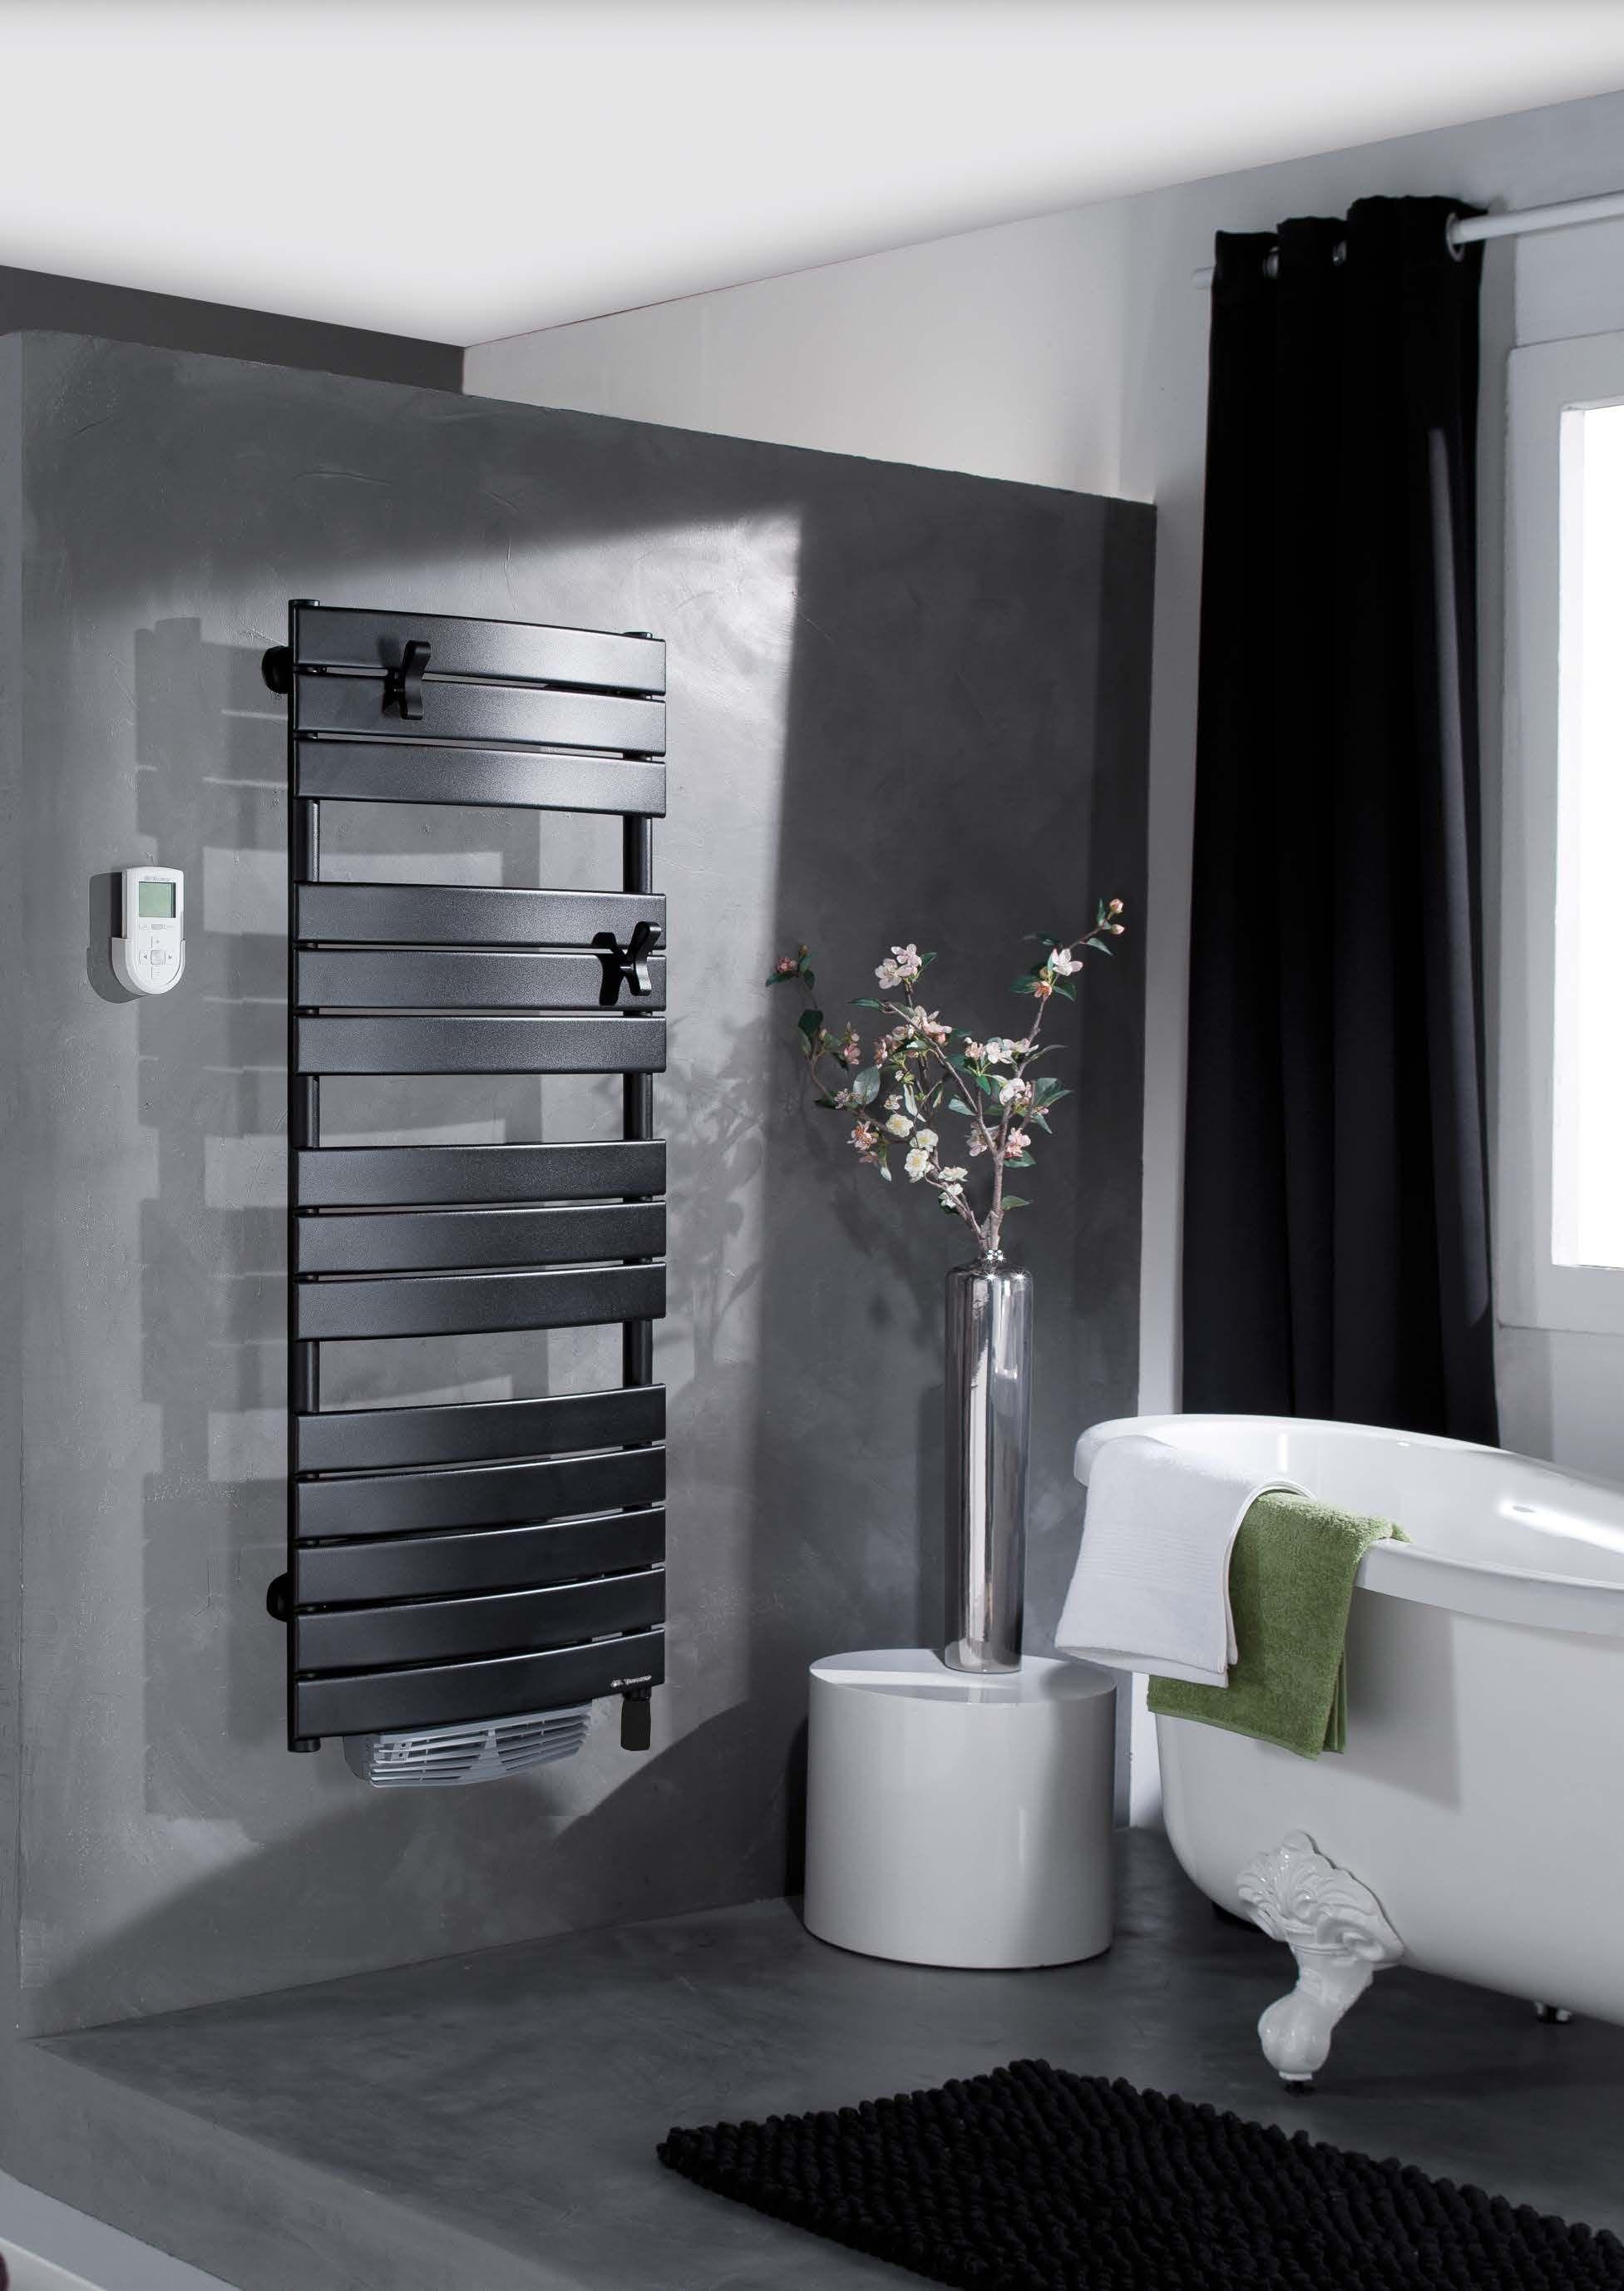 Salle De Bain Hipster ~ associez votre s cheserviettes noir votre salle de bains d co